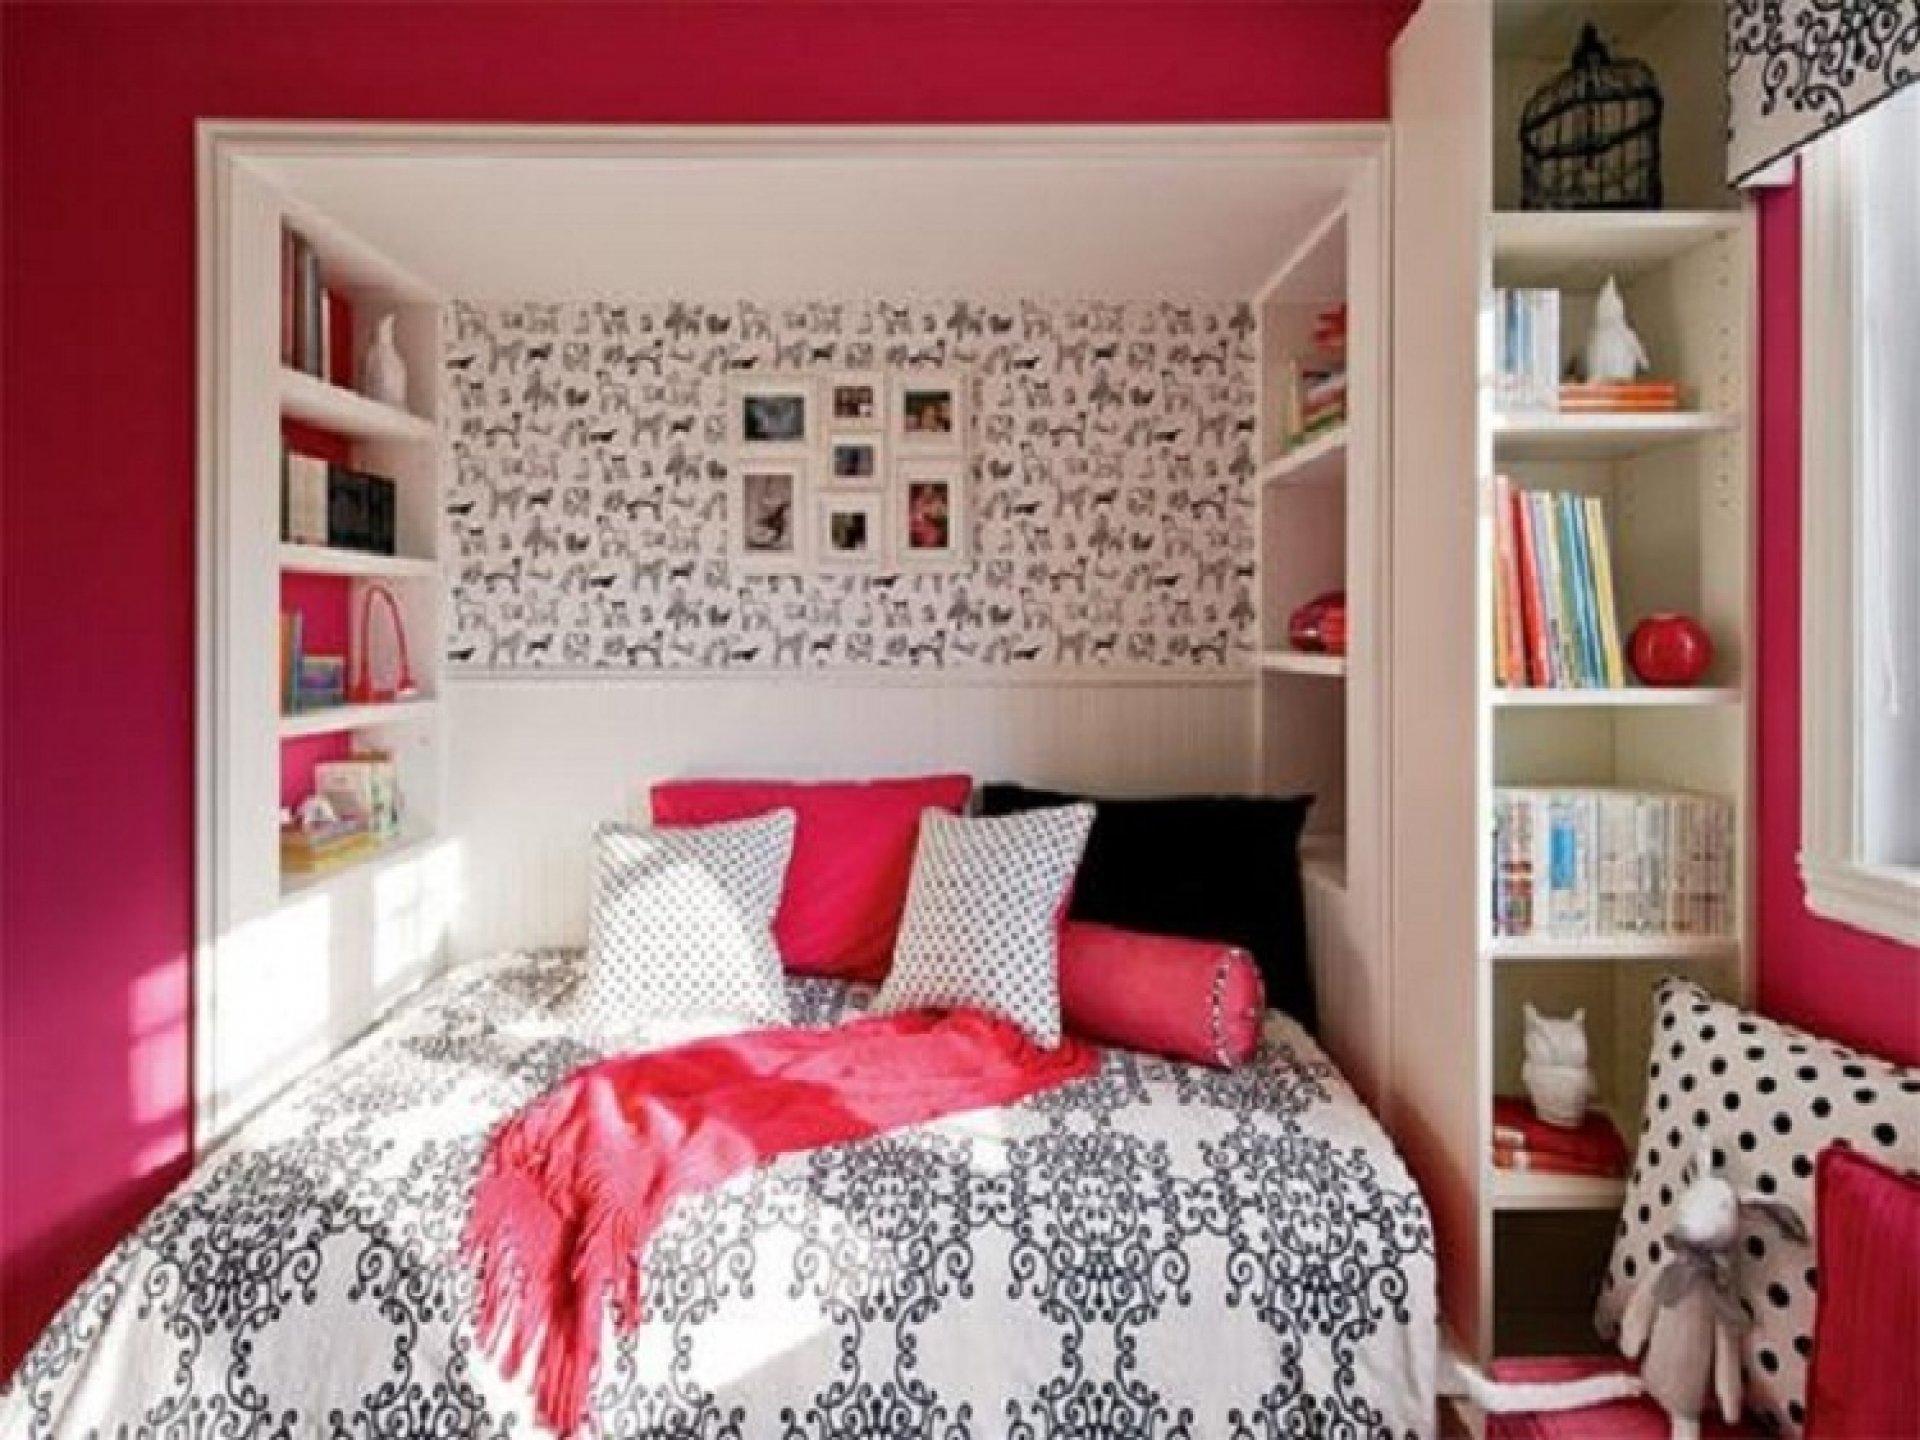 10 Stylish Cool Room Ideas For Teenage Girls bedroom tween room ideas on a budget tween decorating ideas teenage 1 2020